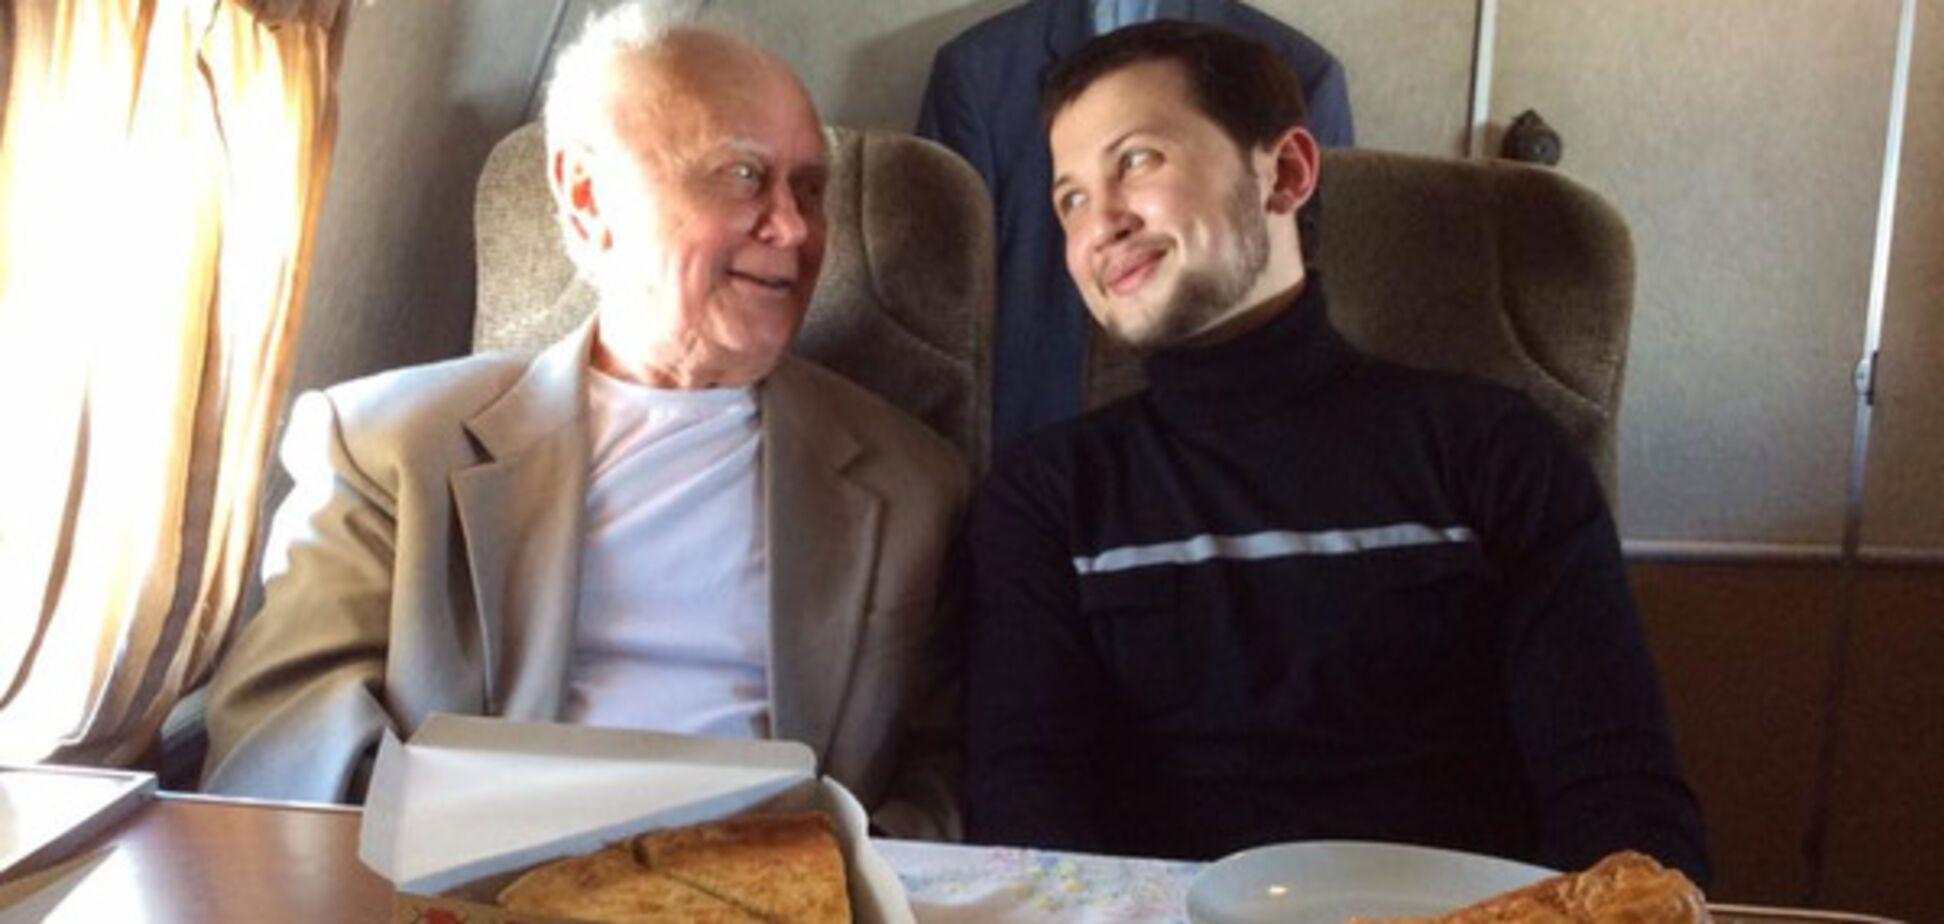 Год назад они обрели свободу: Порошенко поздравил Солошенко и Афанасьева